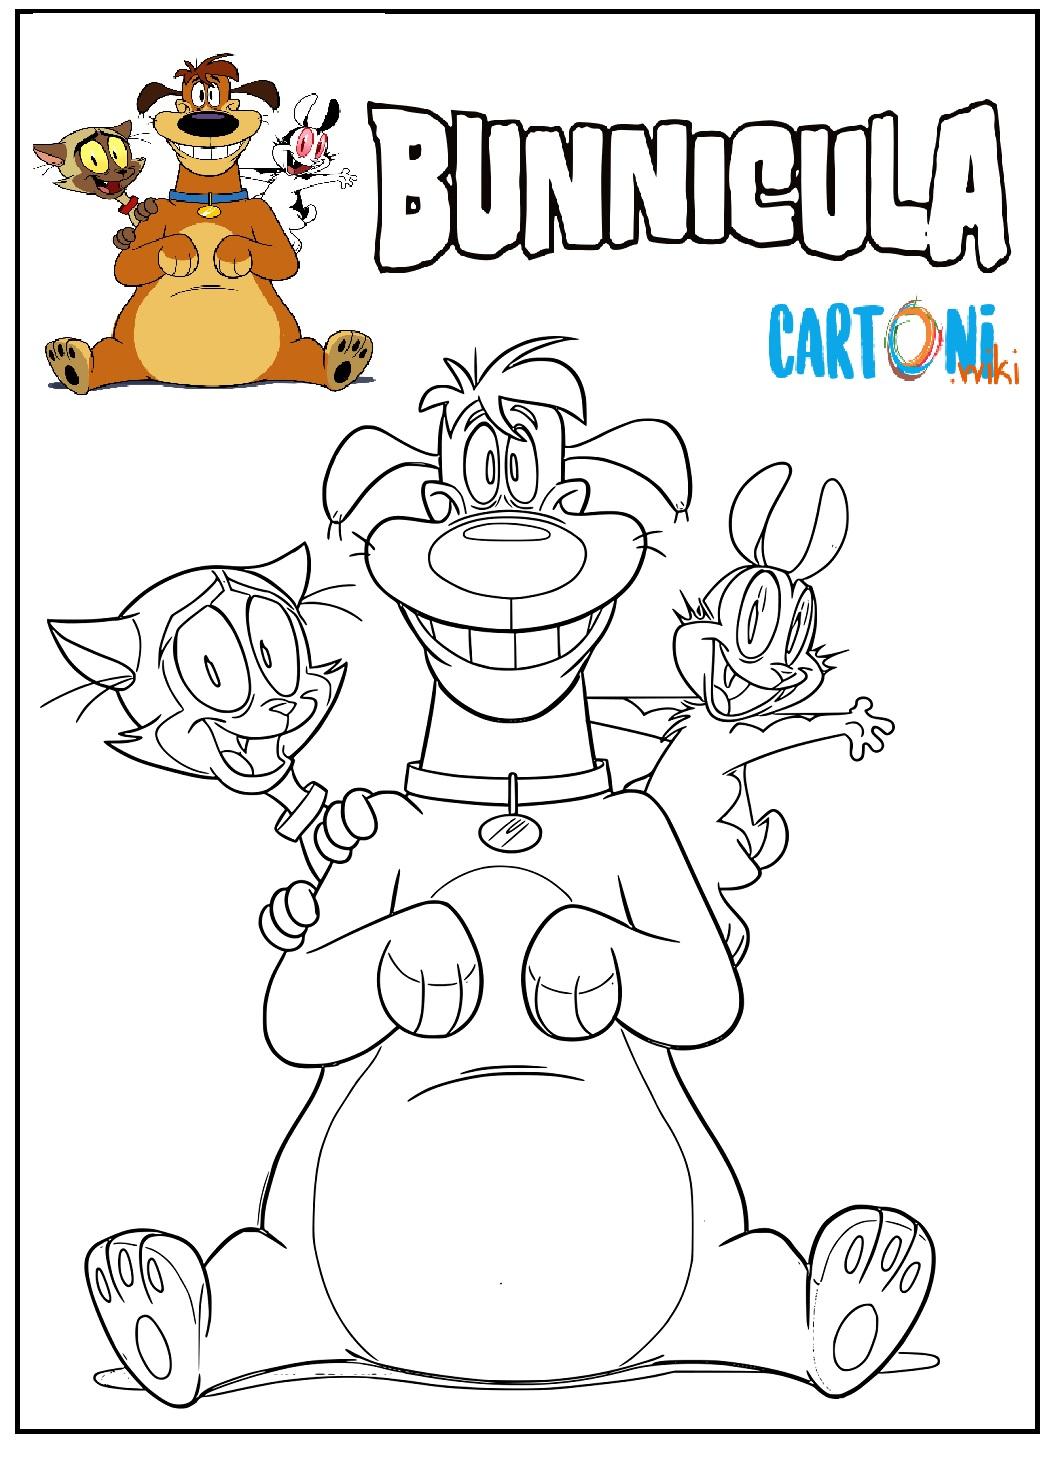 Bunnicula disegno da colorare con i personaggi - Disegni da colorare